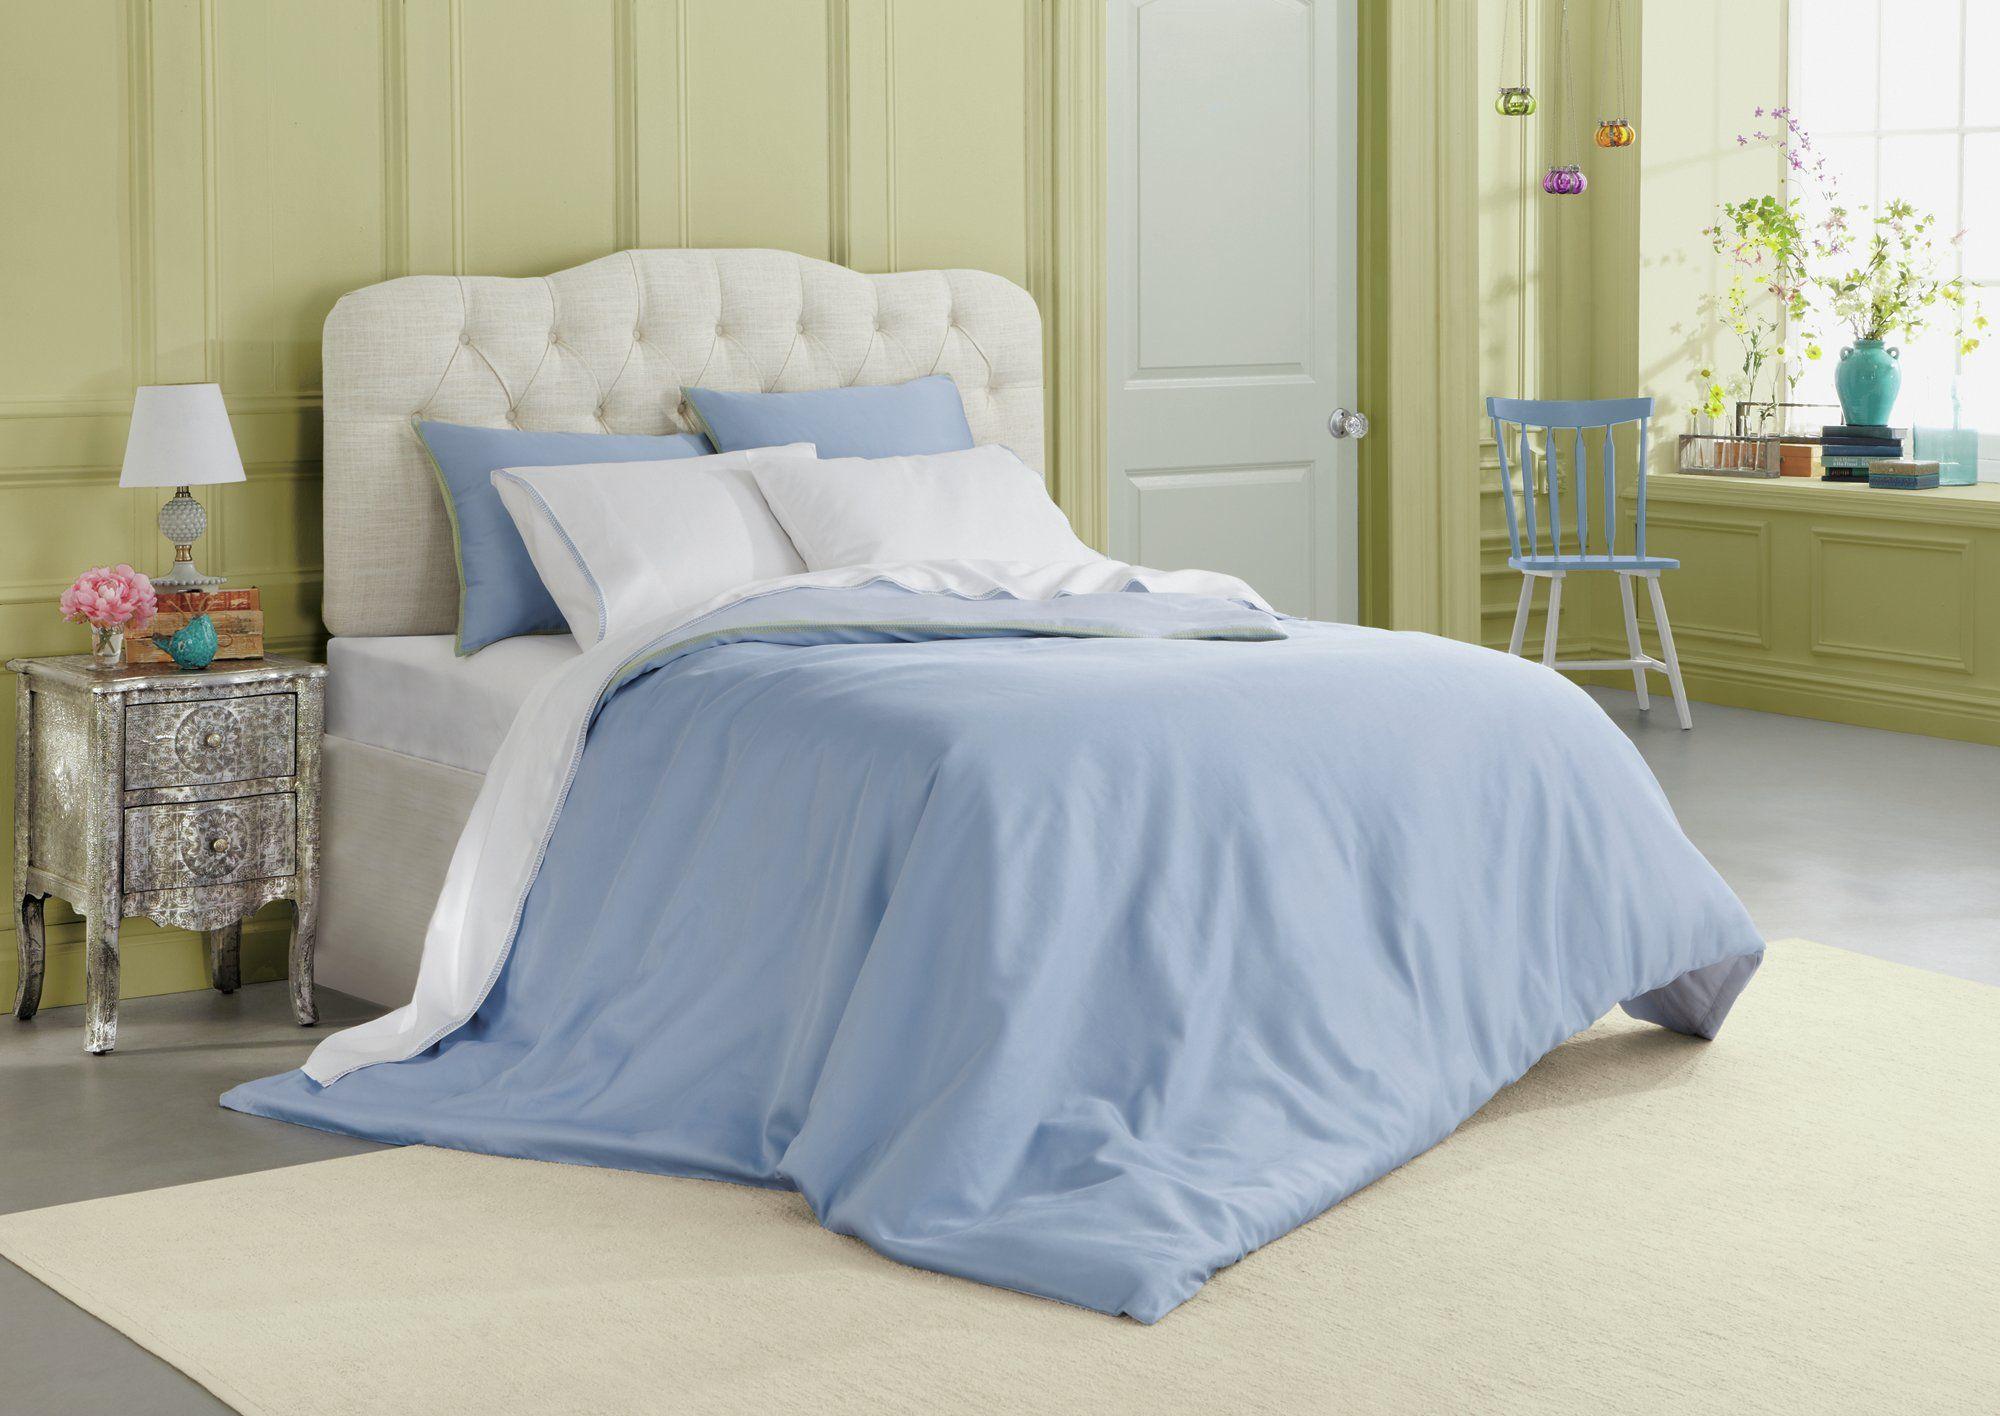 tractor bed linen